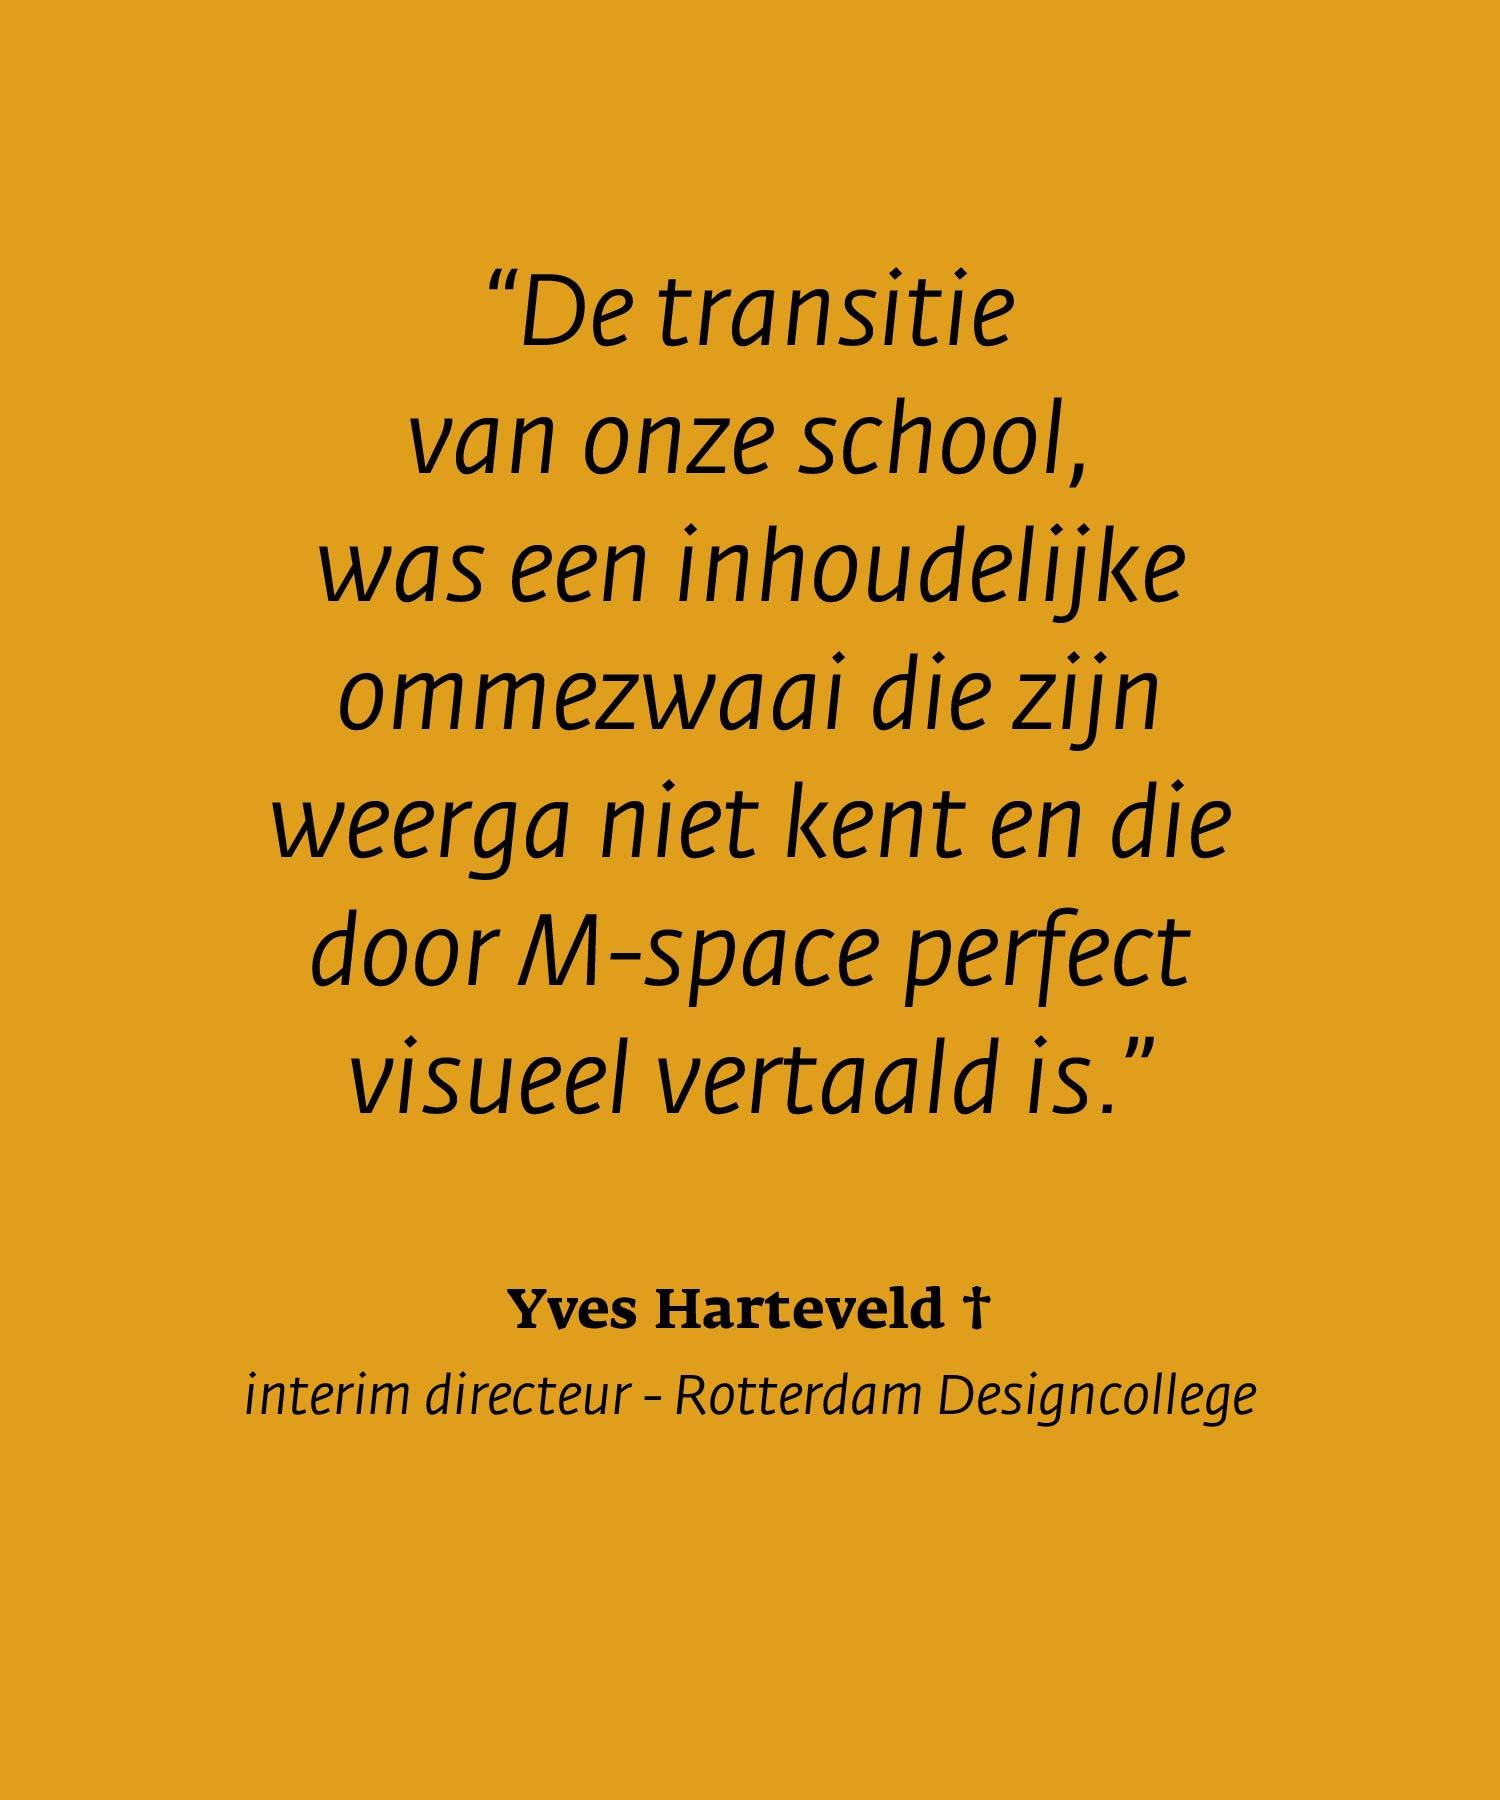 RDC quote Yves Harteveld